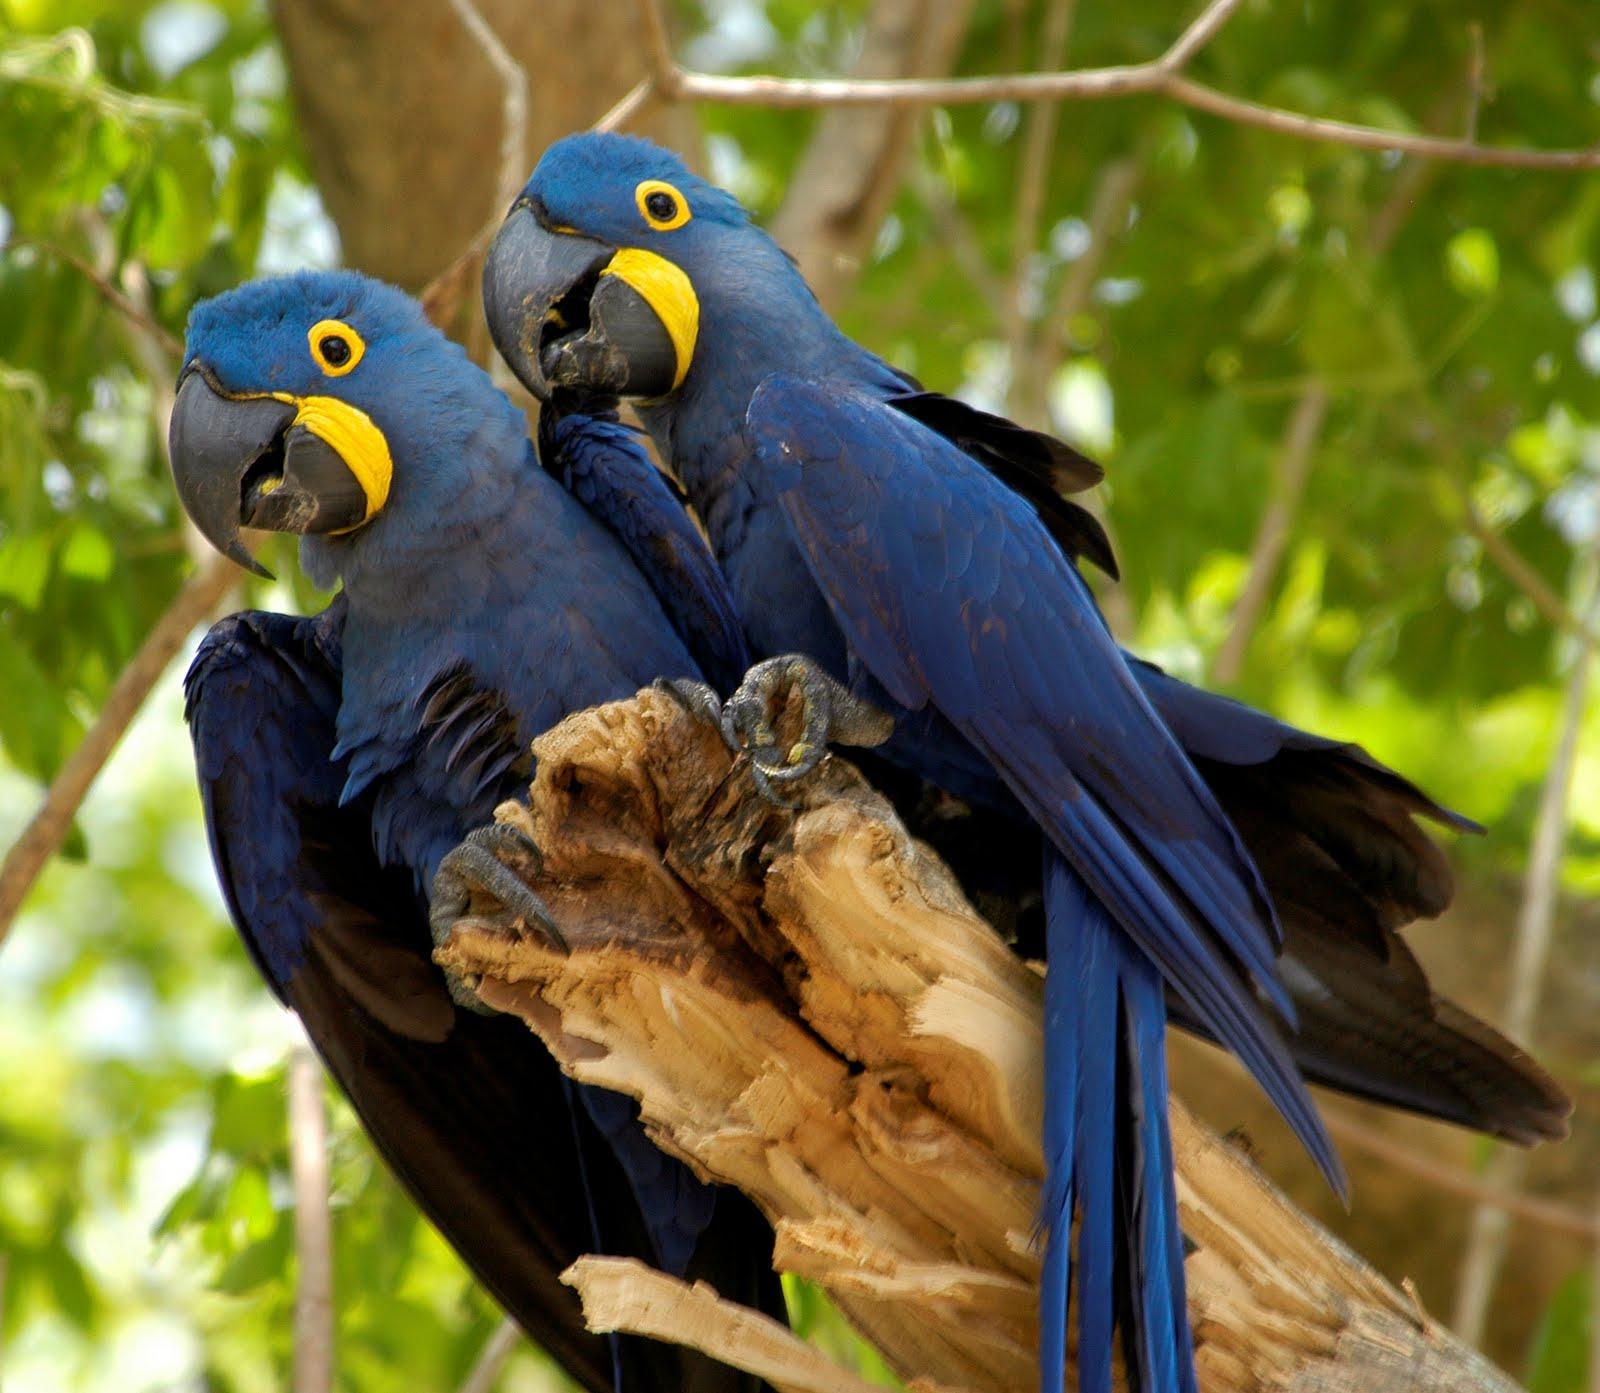 http://1.bp.blogspot.com/-nCu6IP5RWVc/TeT90Aj-_fI/AAAAAAAAABA/QH72ret-Y0o/s1600/arara-azul.jpg